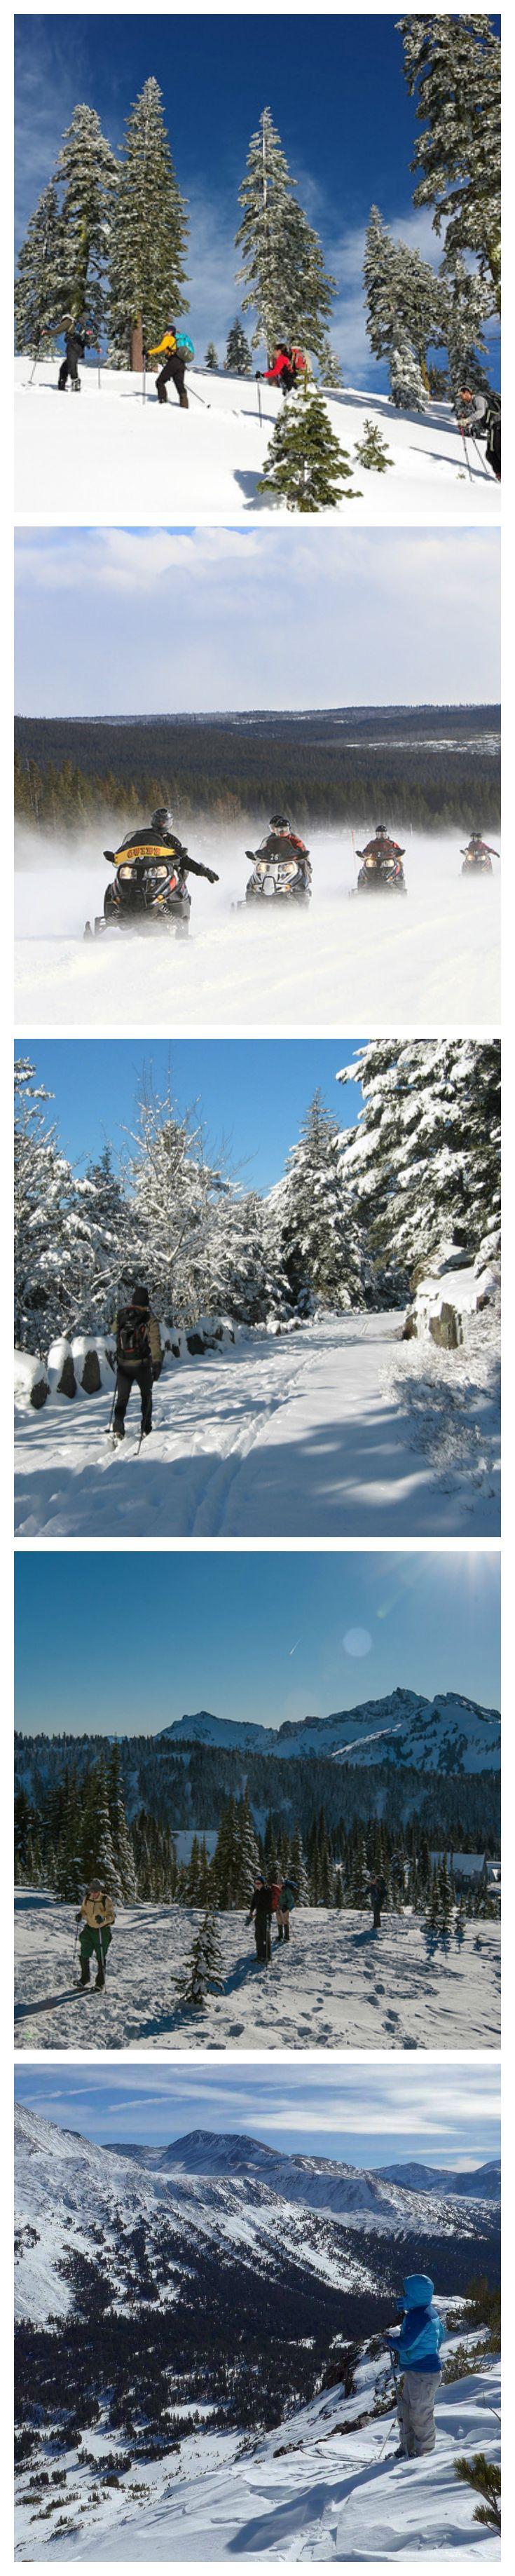 22 best Winter Wonderland images on Pinterest   National parks ...